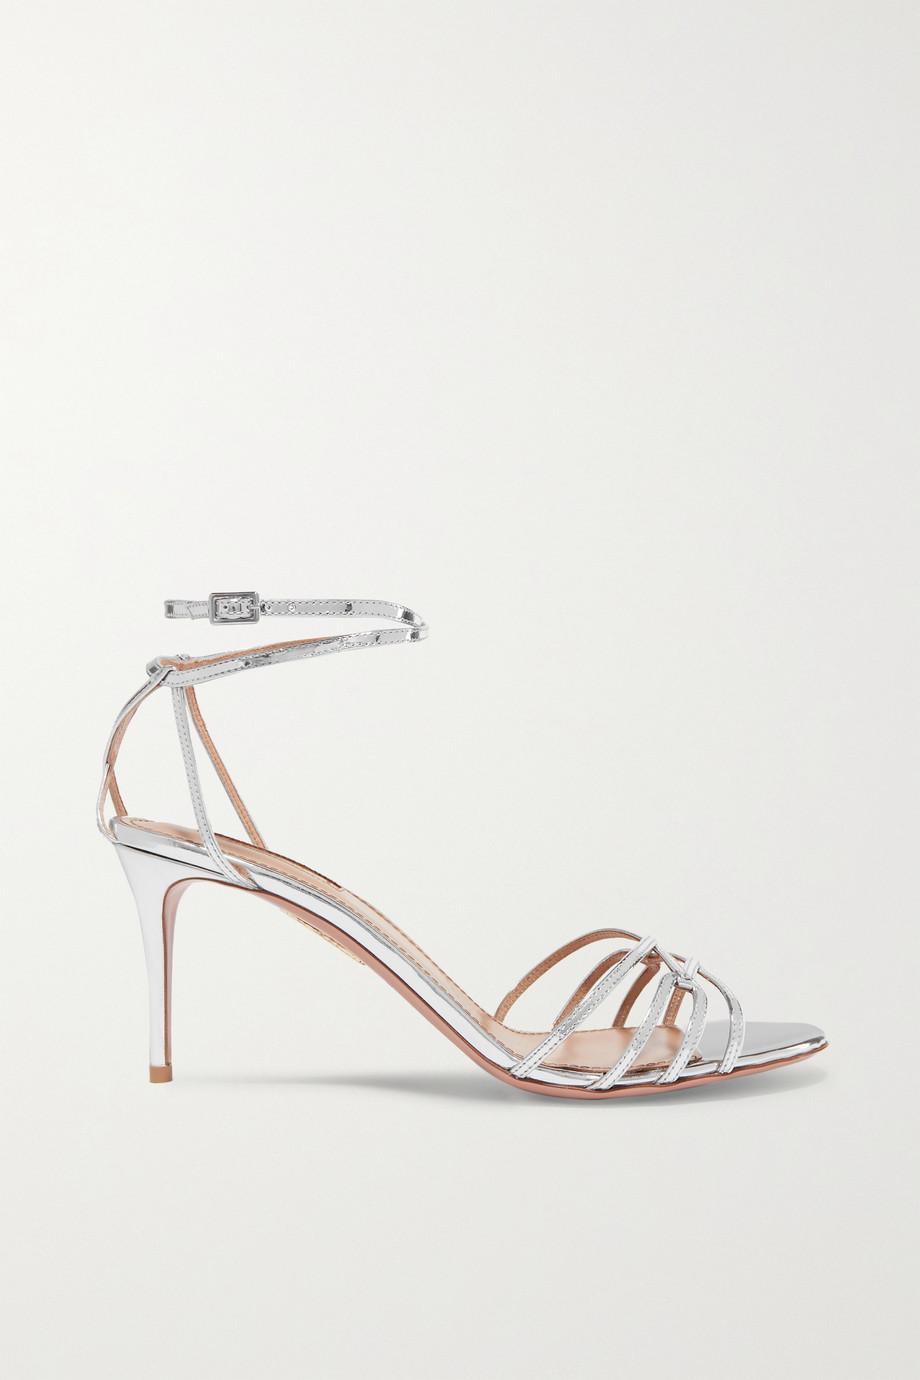 Aquazzura Very First Kiss 75 metallic leather sandals